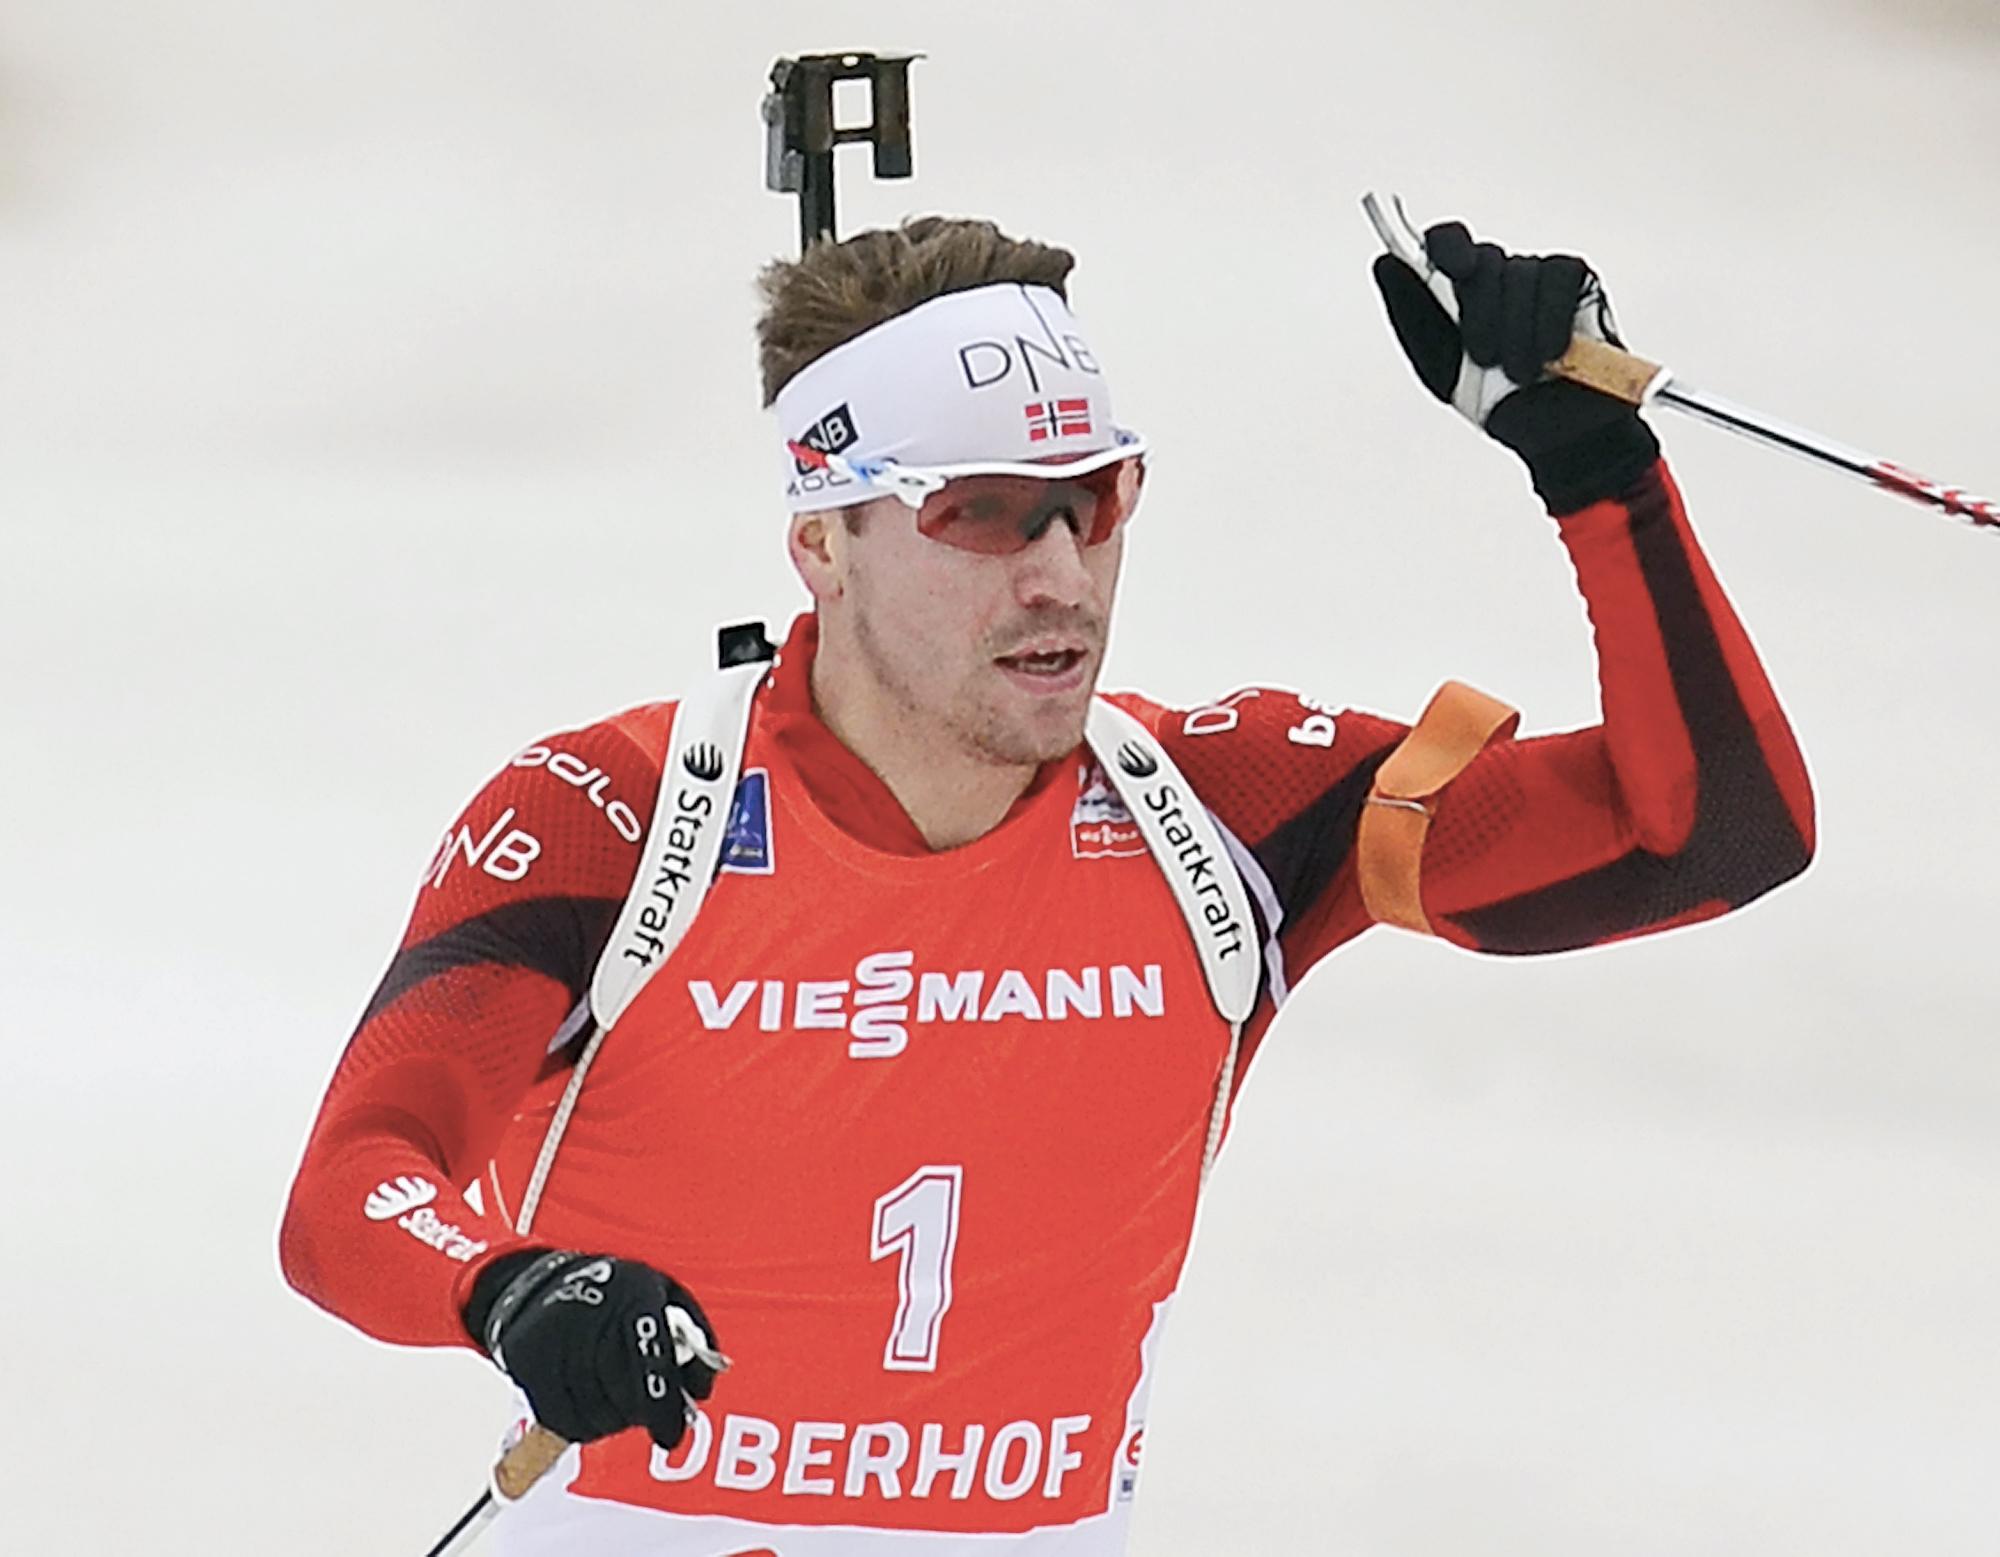 Эмиль-Эгле Свендсен выиграл гонку преследования